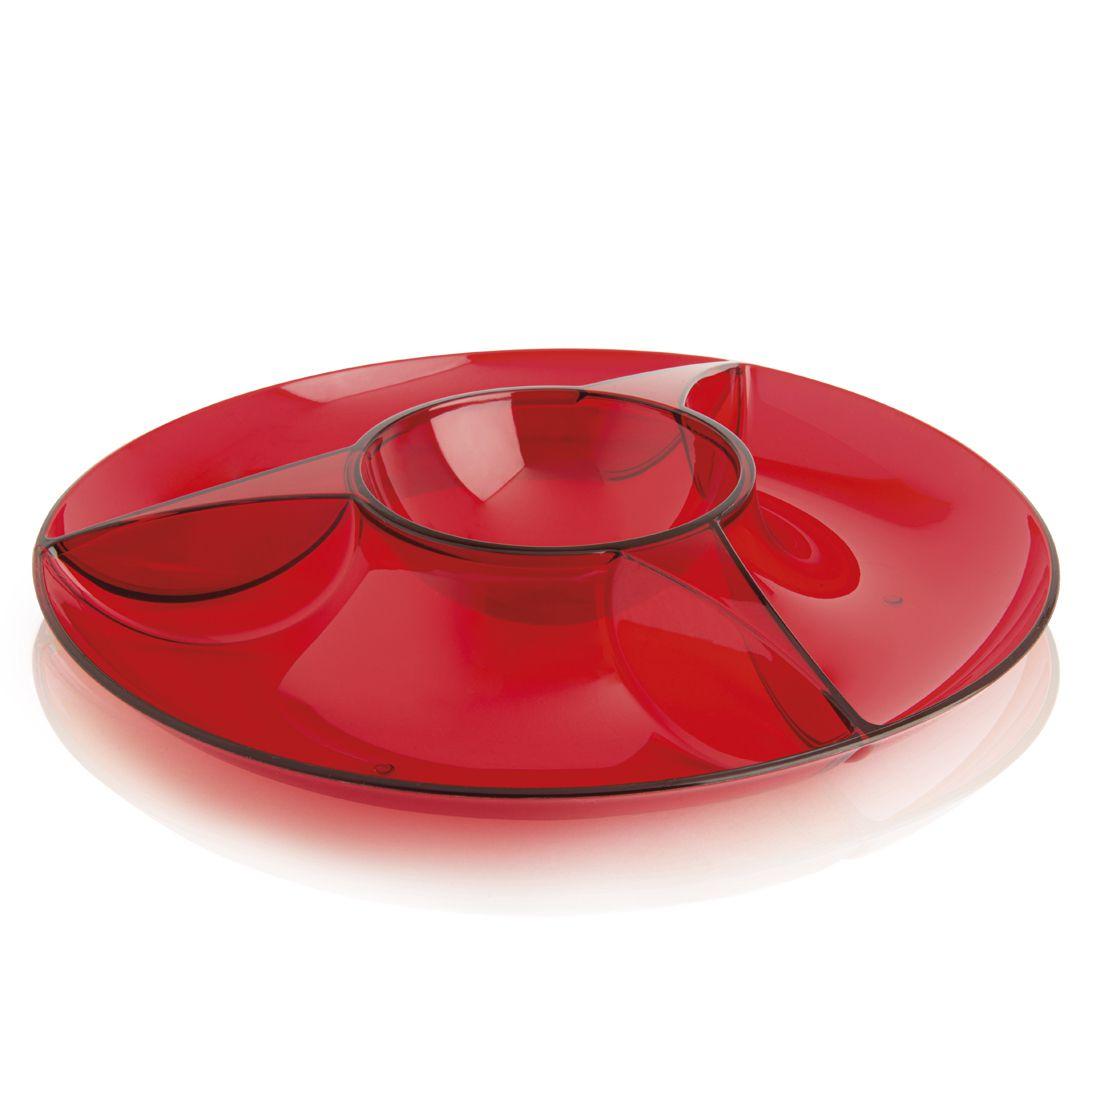 Petisqueira de Polipropileno Luna Vermelho 3 Divisões